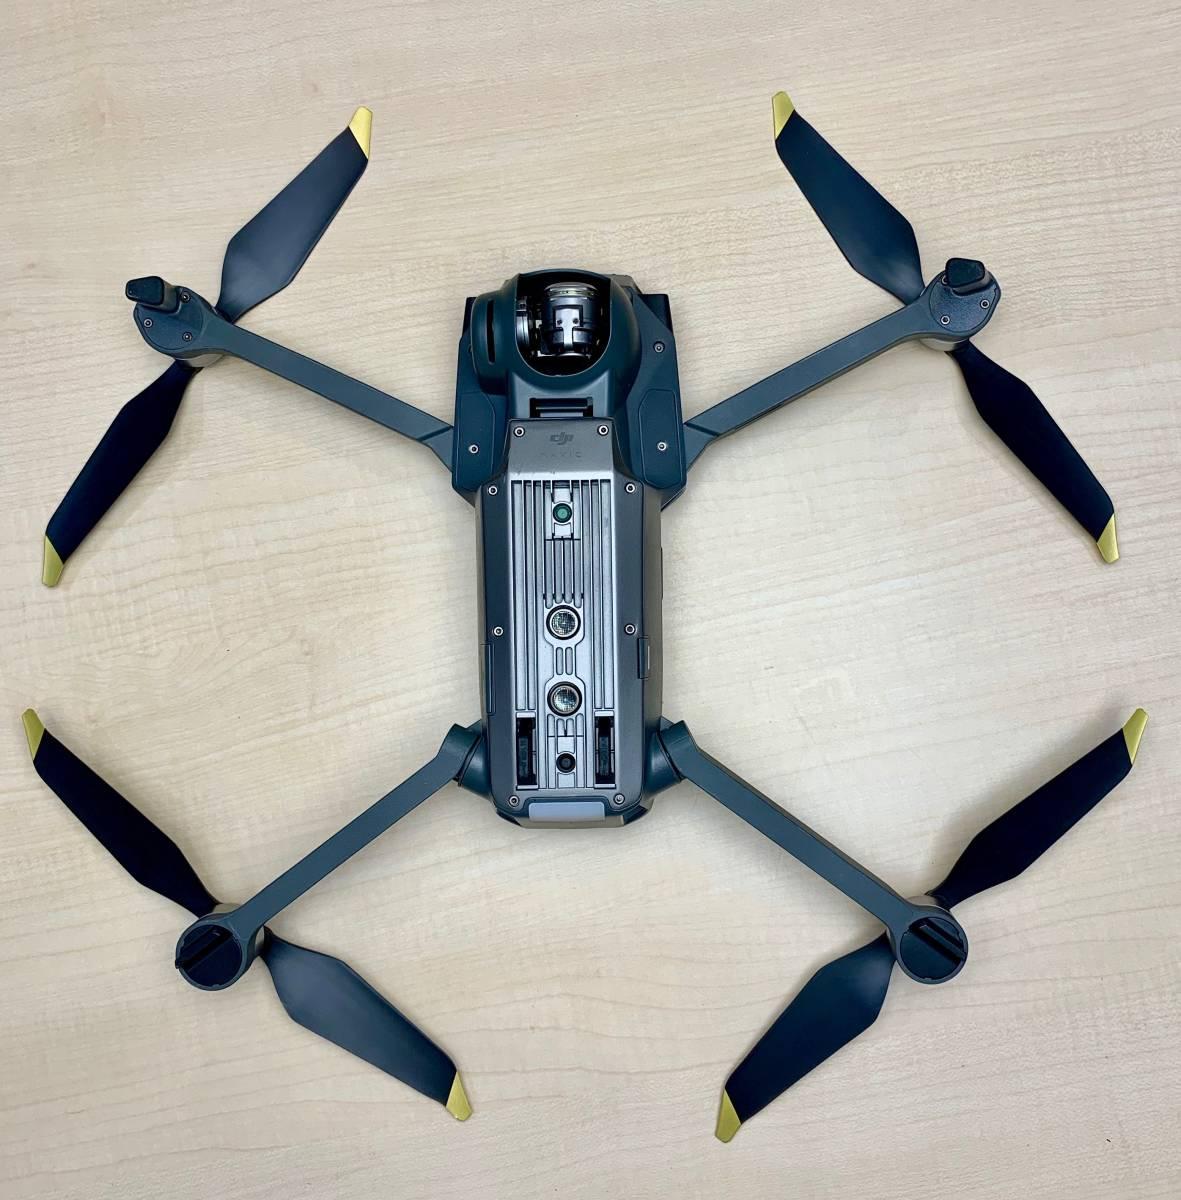 【難あり】DJI MAVIC PRO 専用ケース付き 映像撮れませんが飛行は問題なし!練習用、入門機などに!_画像3